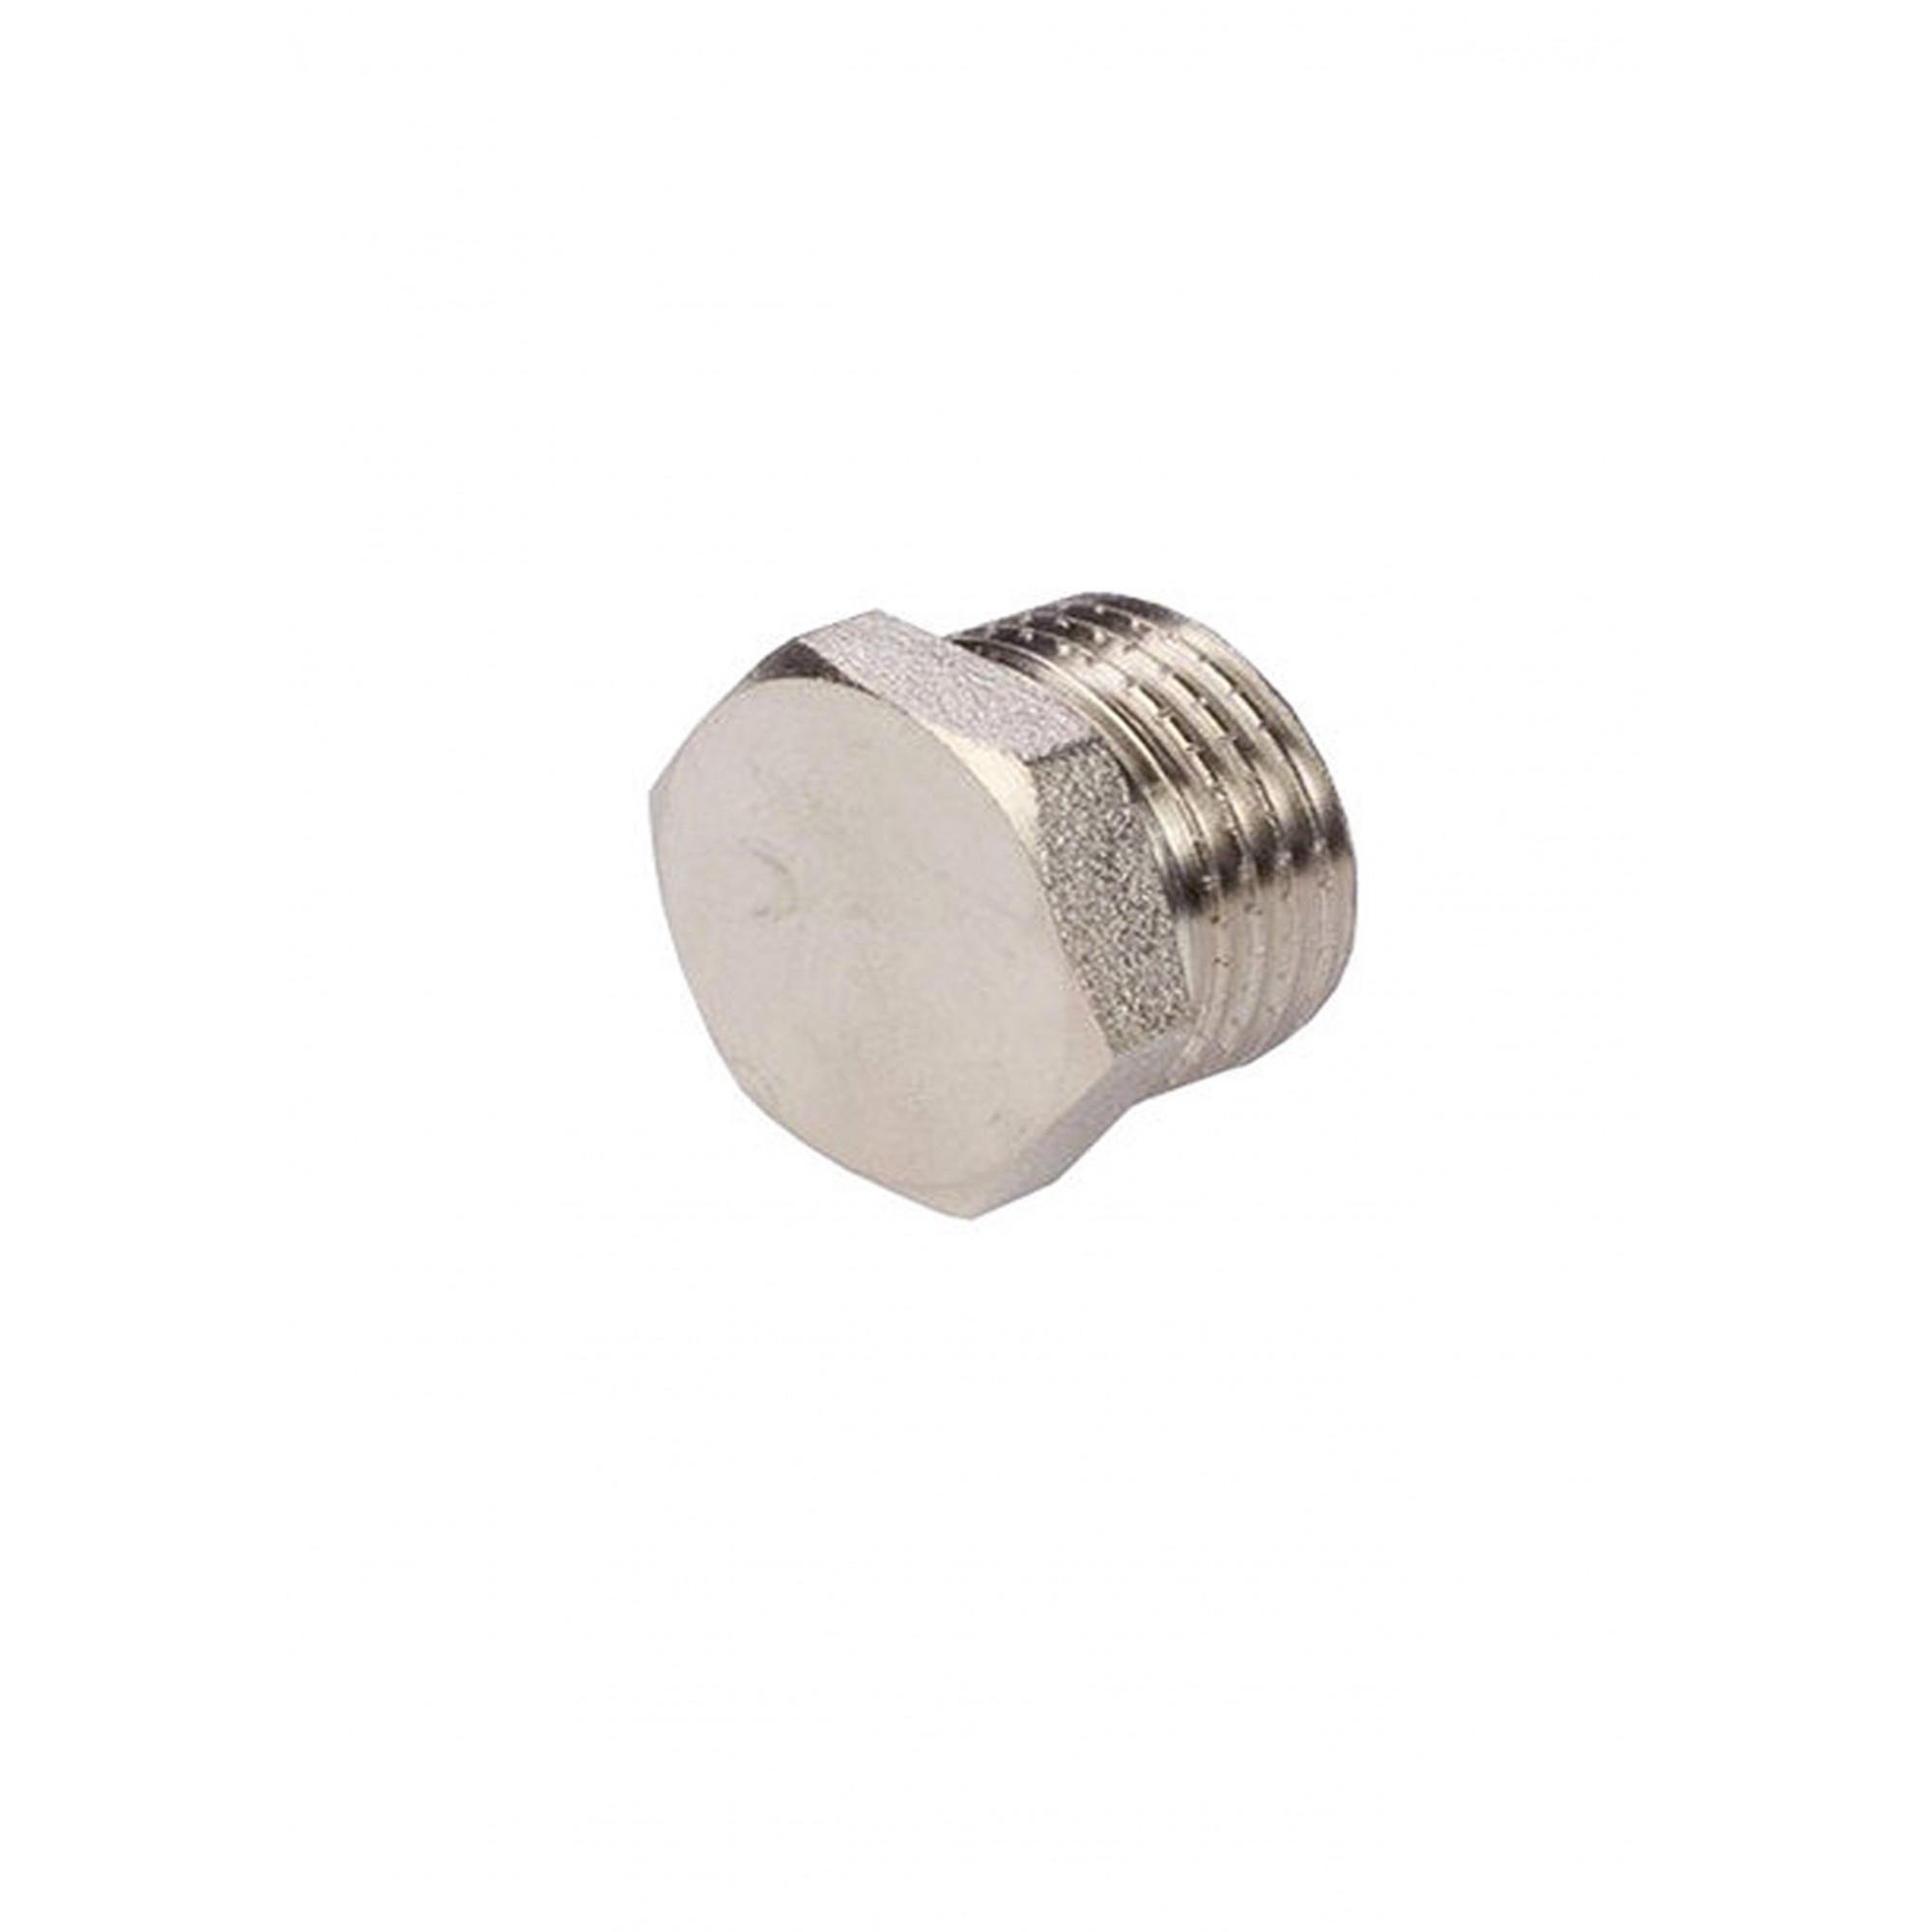 Заглушка 1нар никелированная ANGO ANGO - 1